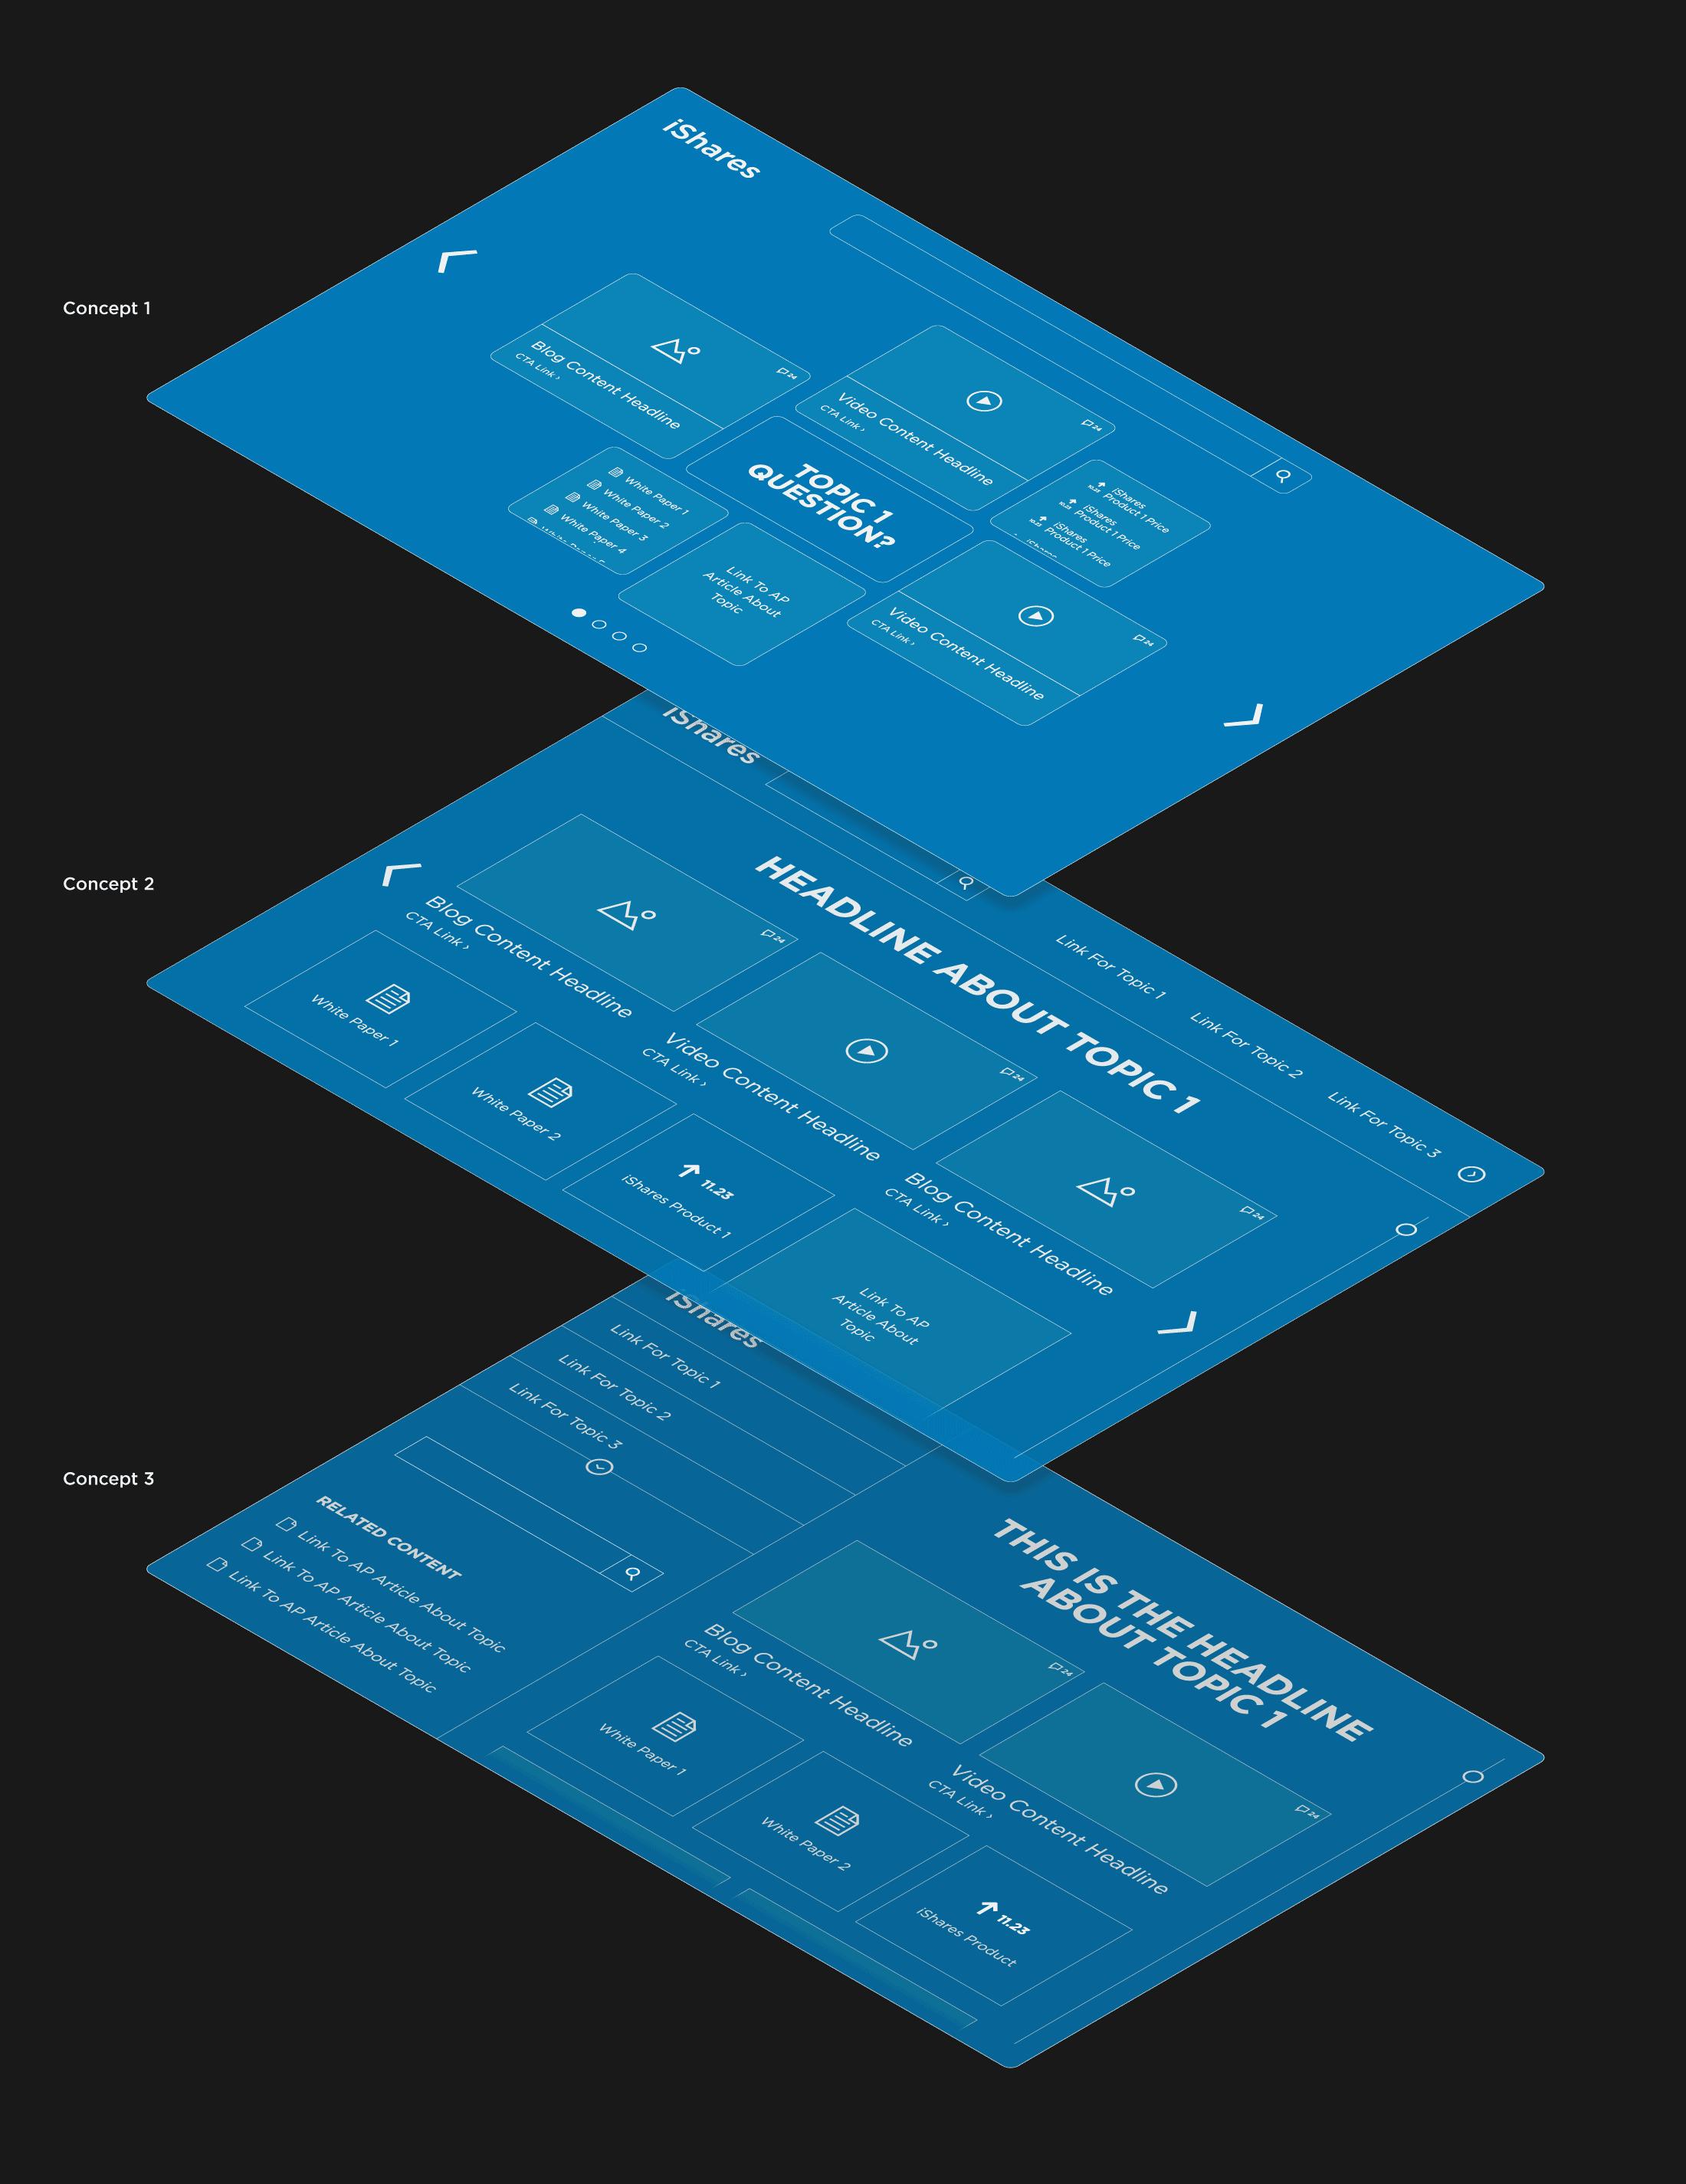 3 prototype concepts